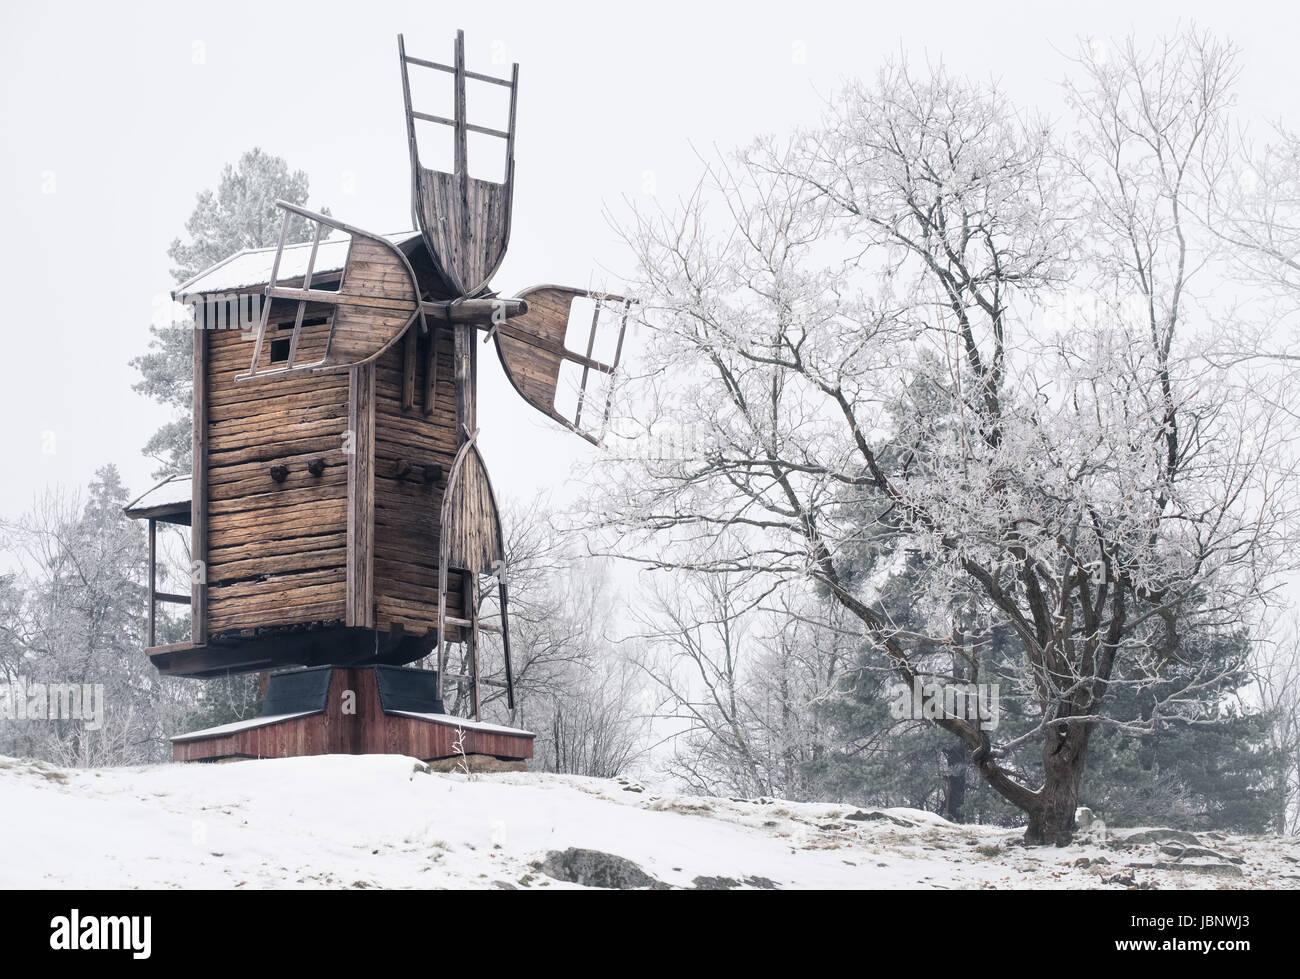 Paysage d'hiver avec de vieux moulin et abandonnés dans la journée en Finlande Photo Stock